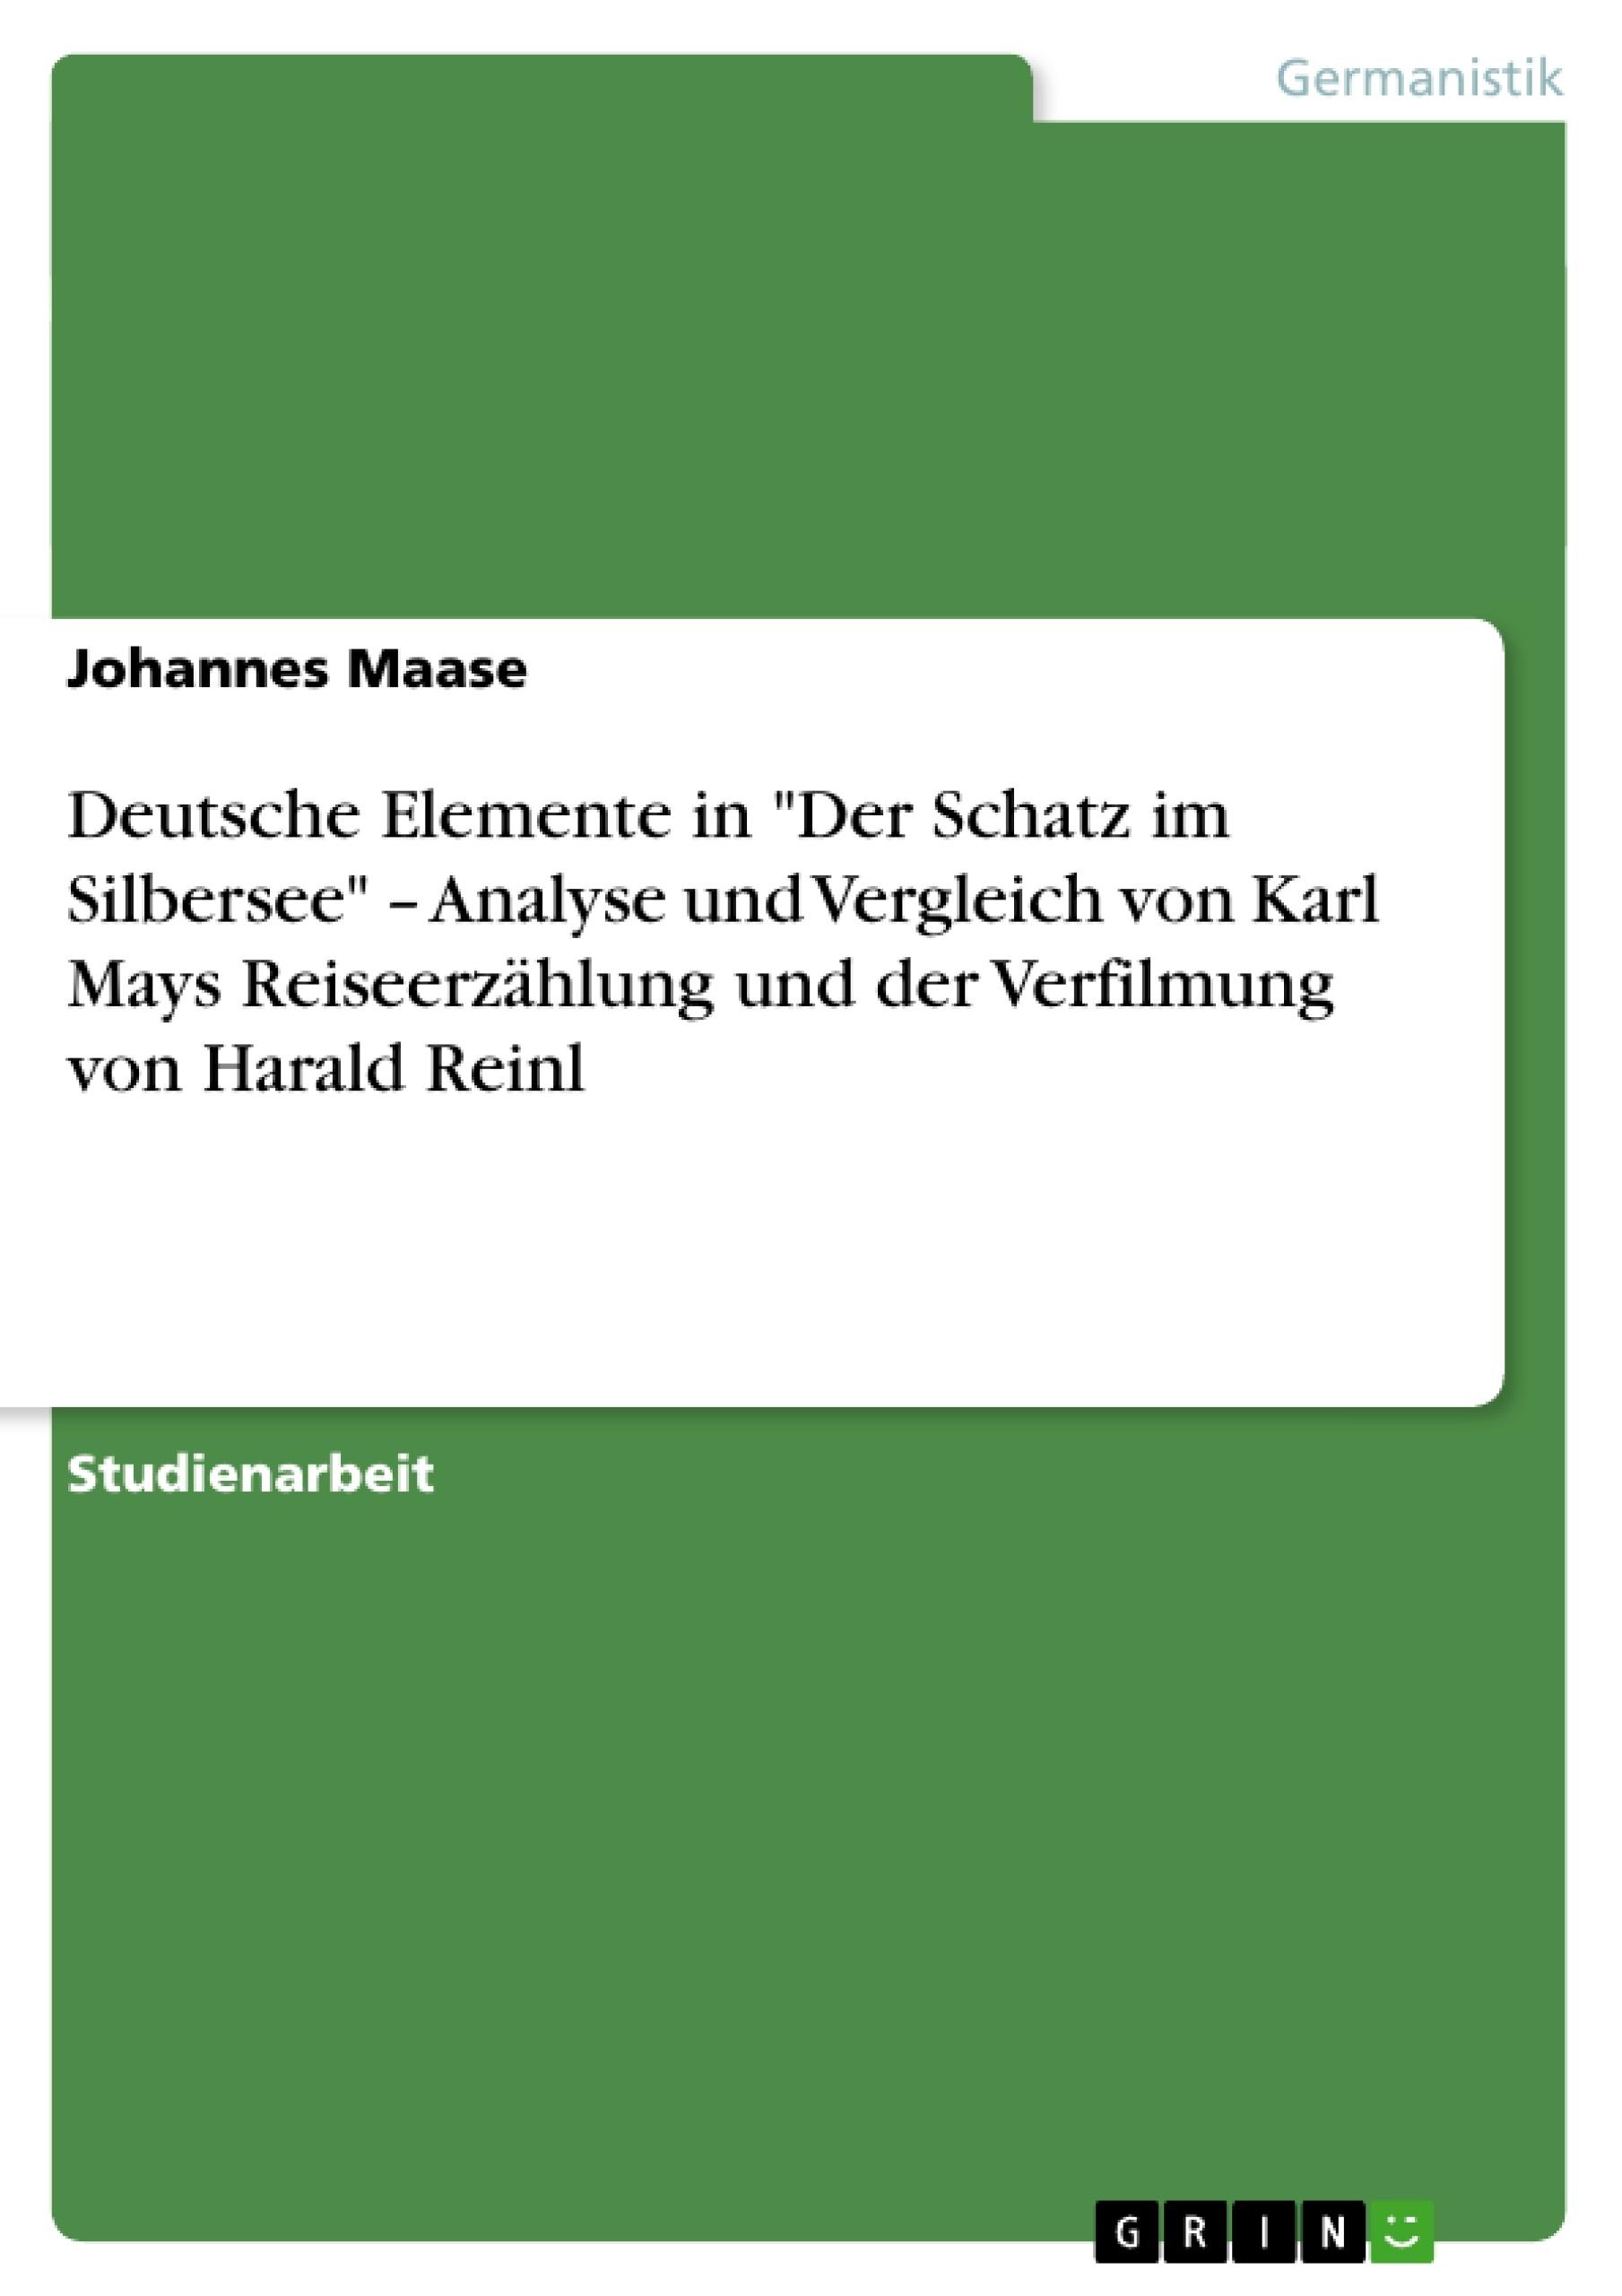 """Titel: Deutsche Elemente in """"Der Schatz im Silbersee"""" – Analyse und Vergleich von Karl Mays Reiseerzählung und der Verfilmung von Harald Reinl"""